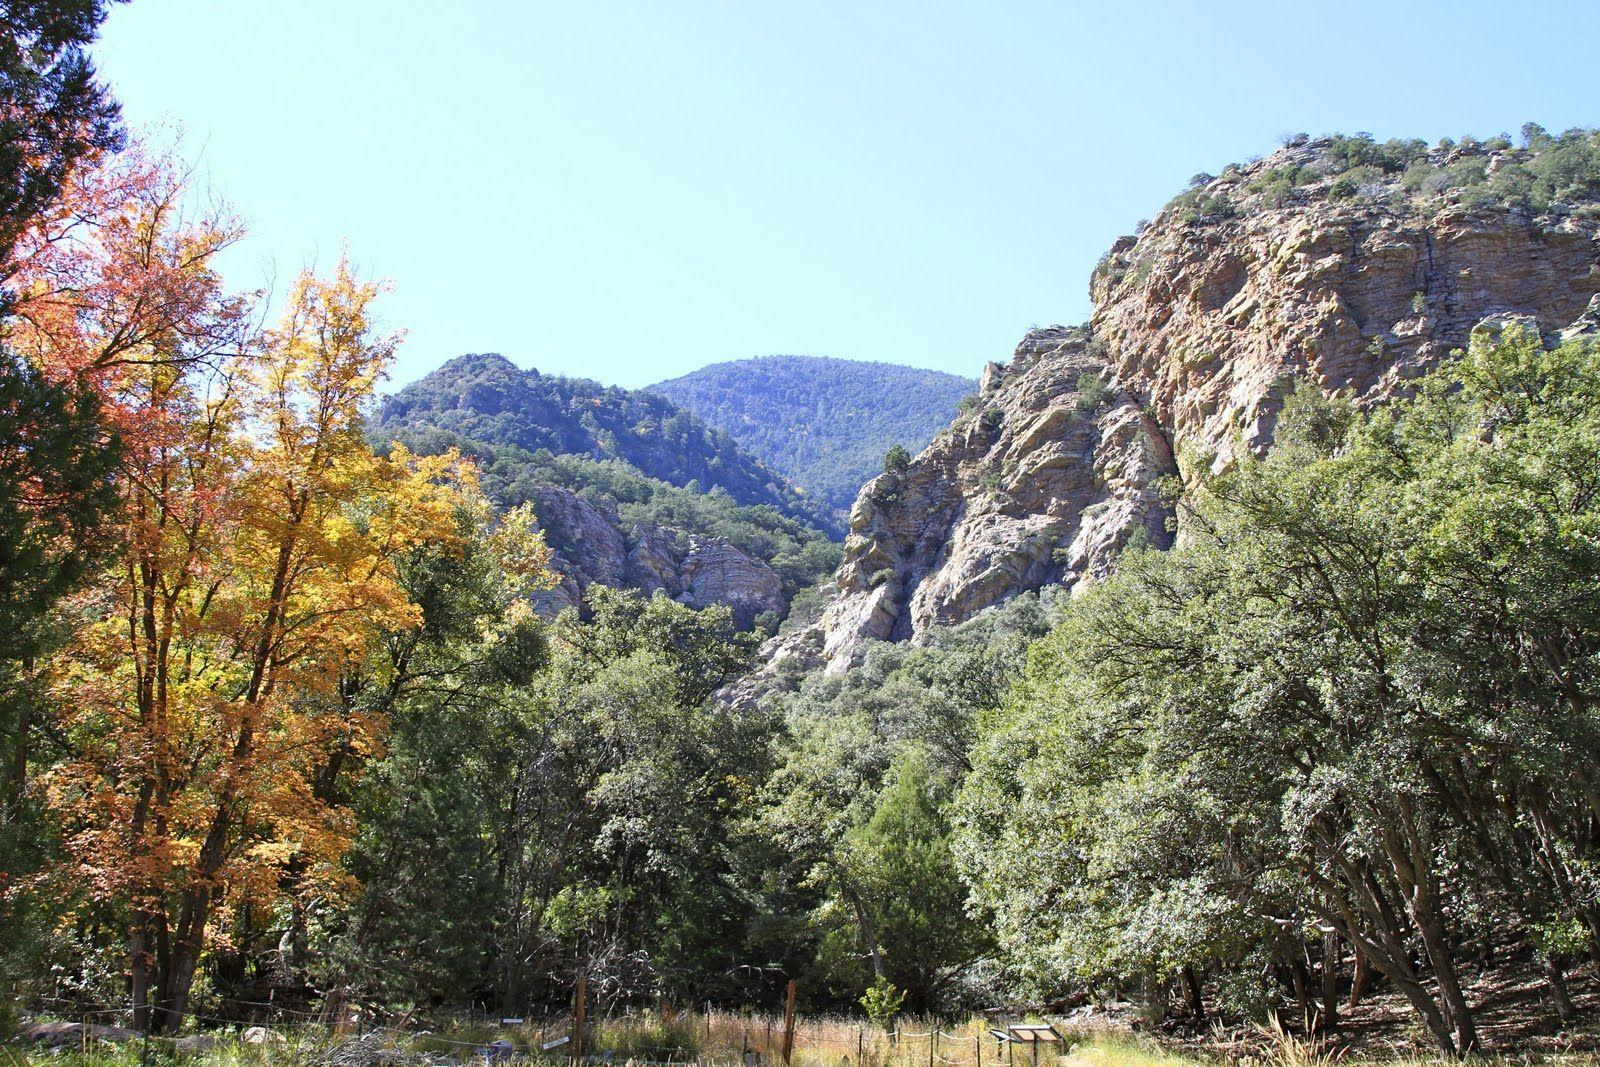 Sierra vista ups